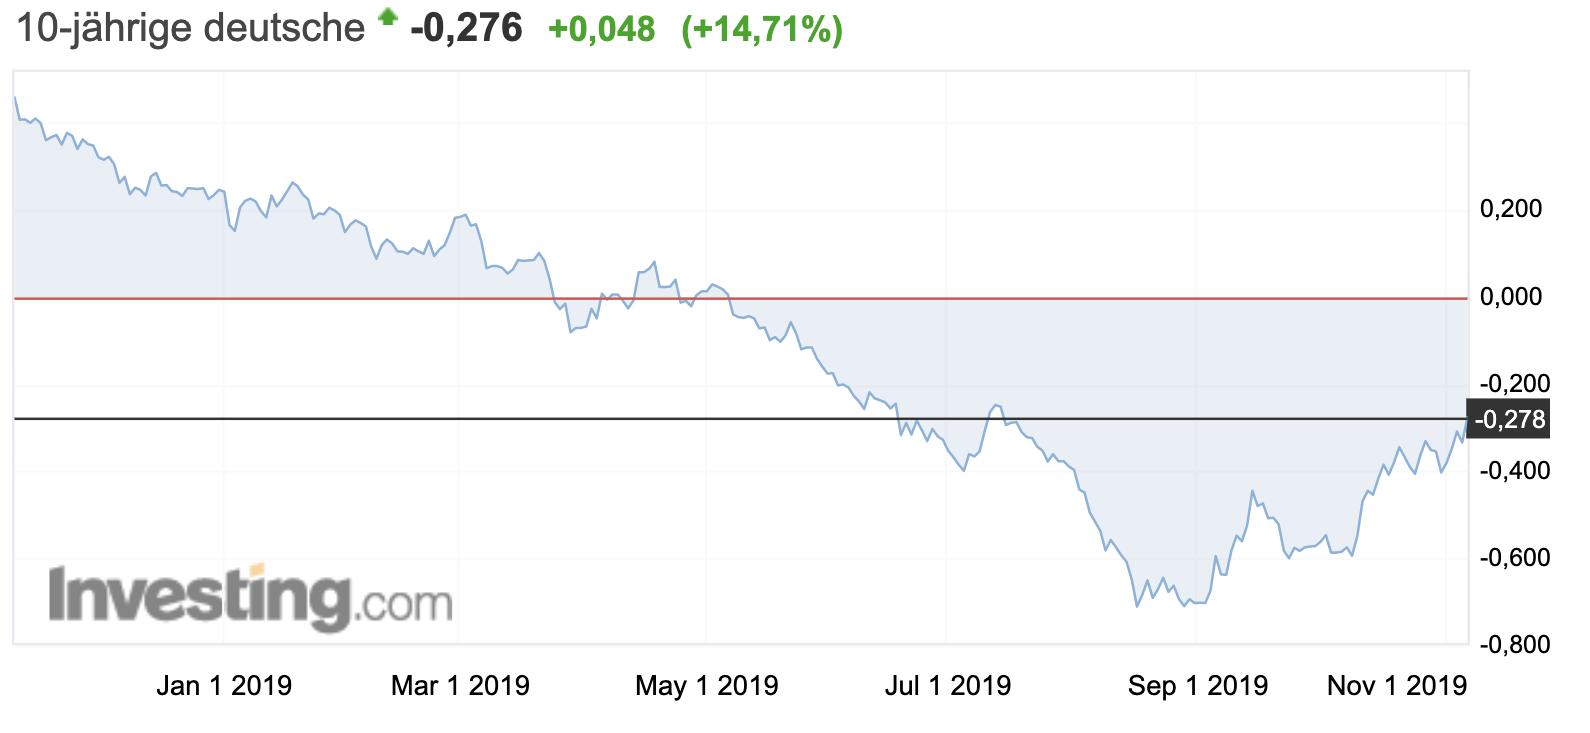 Rendite deutsche Anleihen